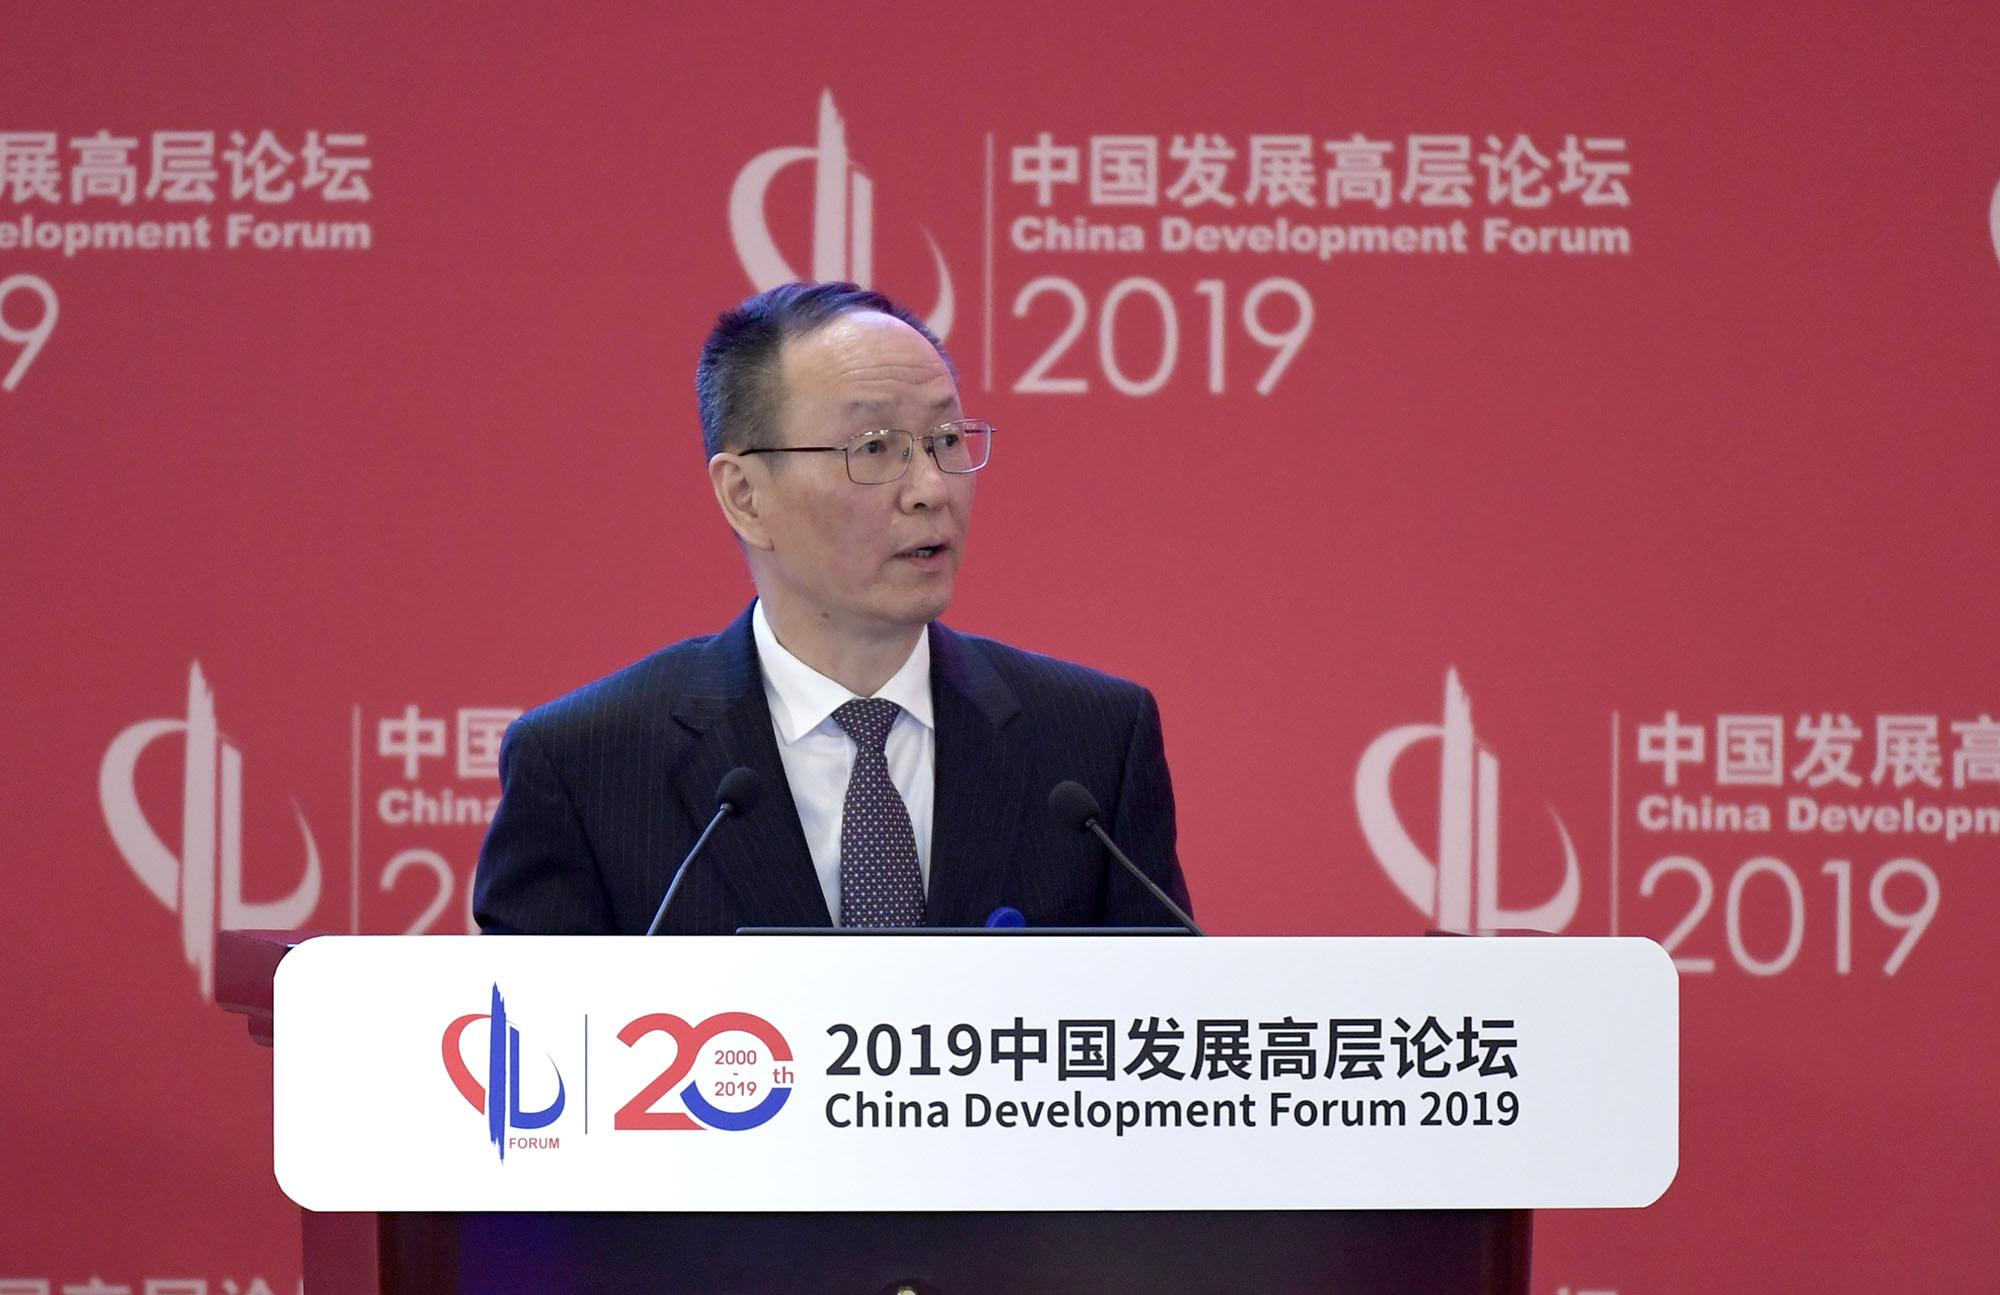 主持:国务院发展研究中心副主任王一鸣